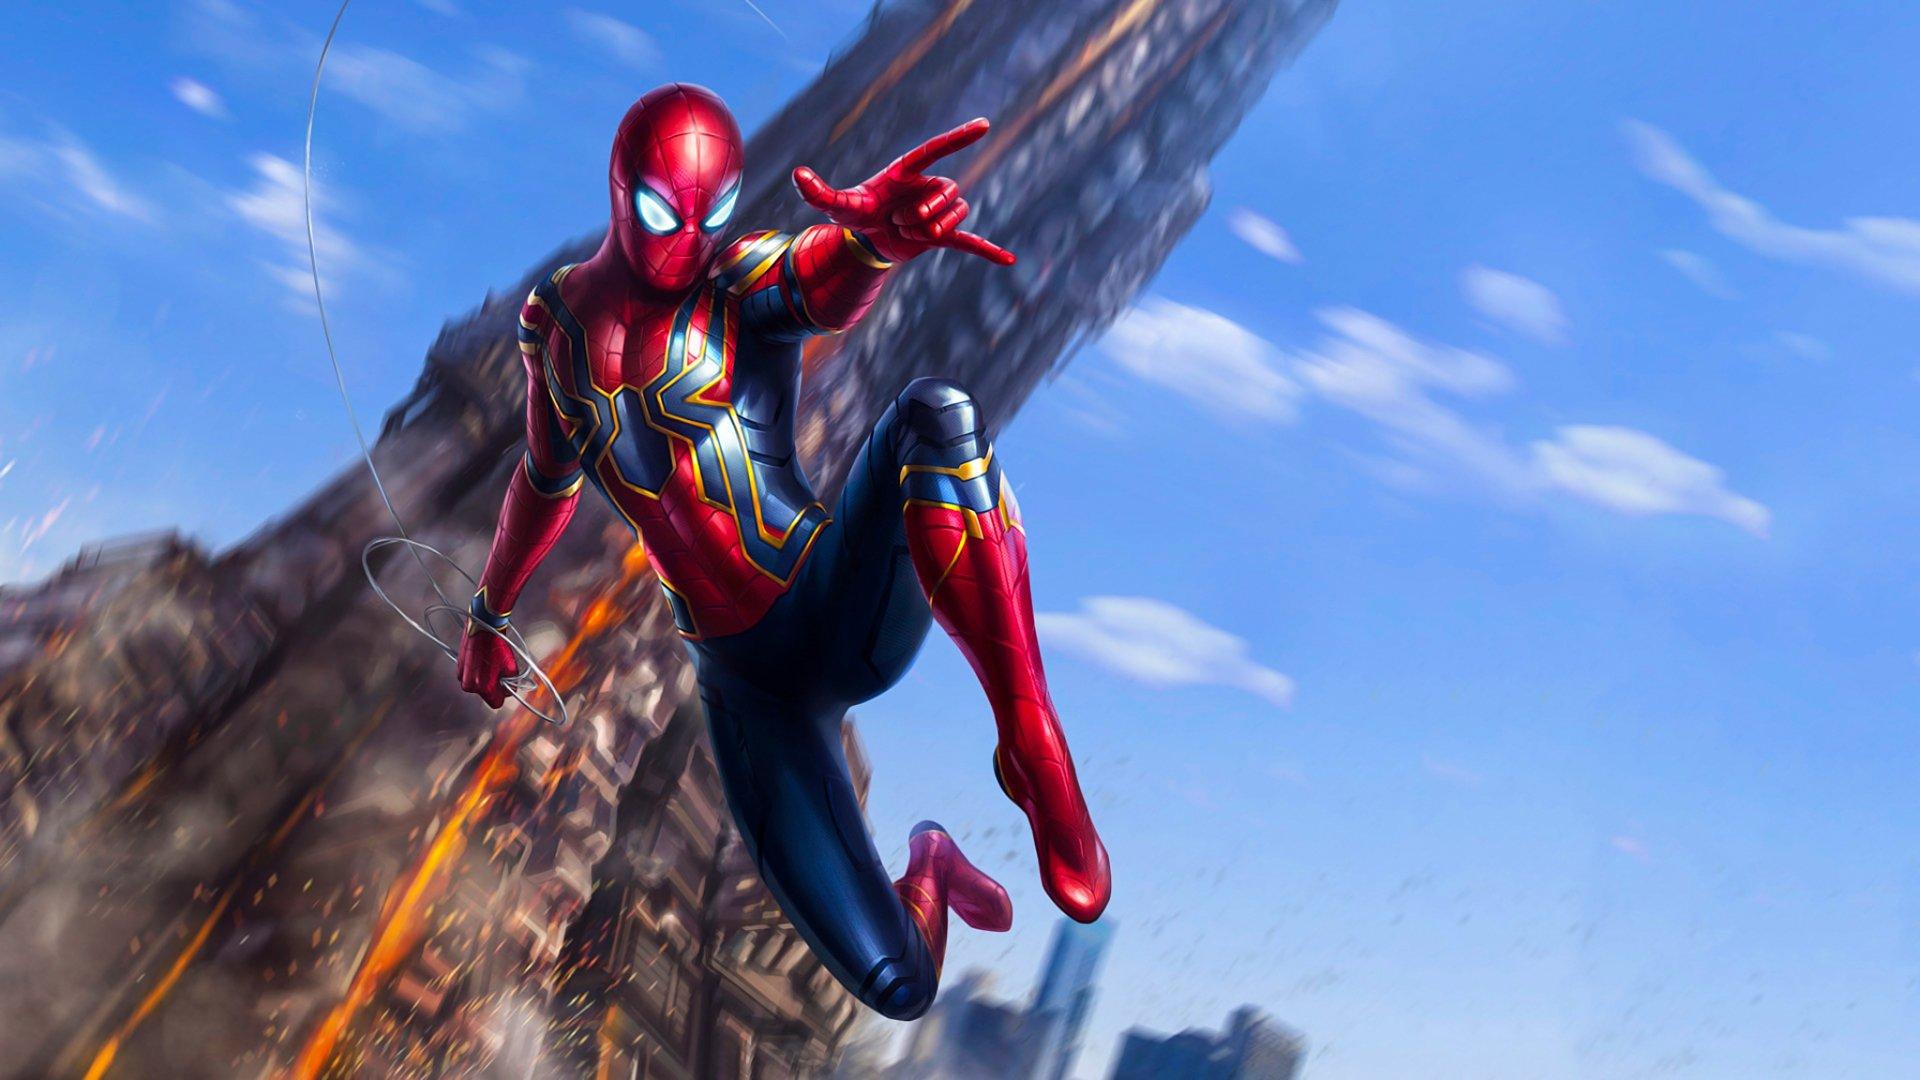 Iron spider avengers infinity war hd wallpaper - Iron man spiderman wallpaper ...